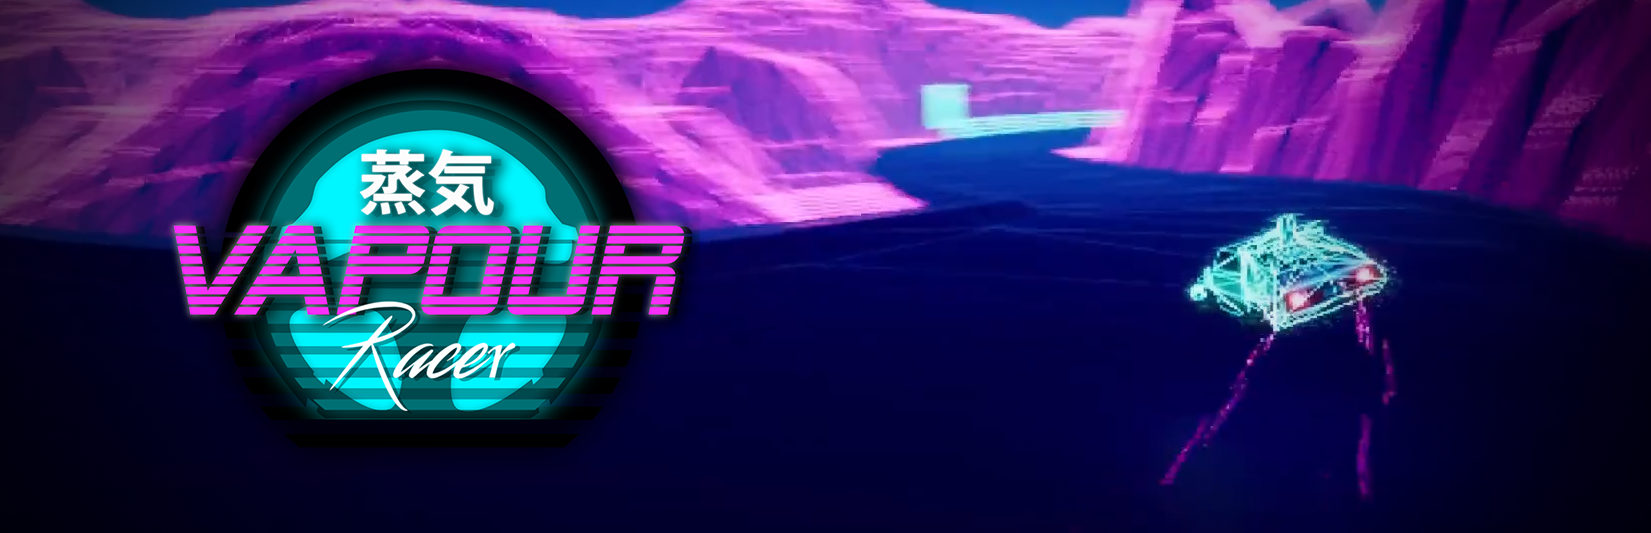 Vapour Racer